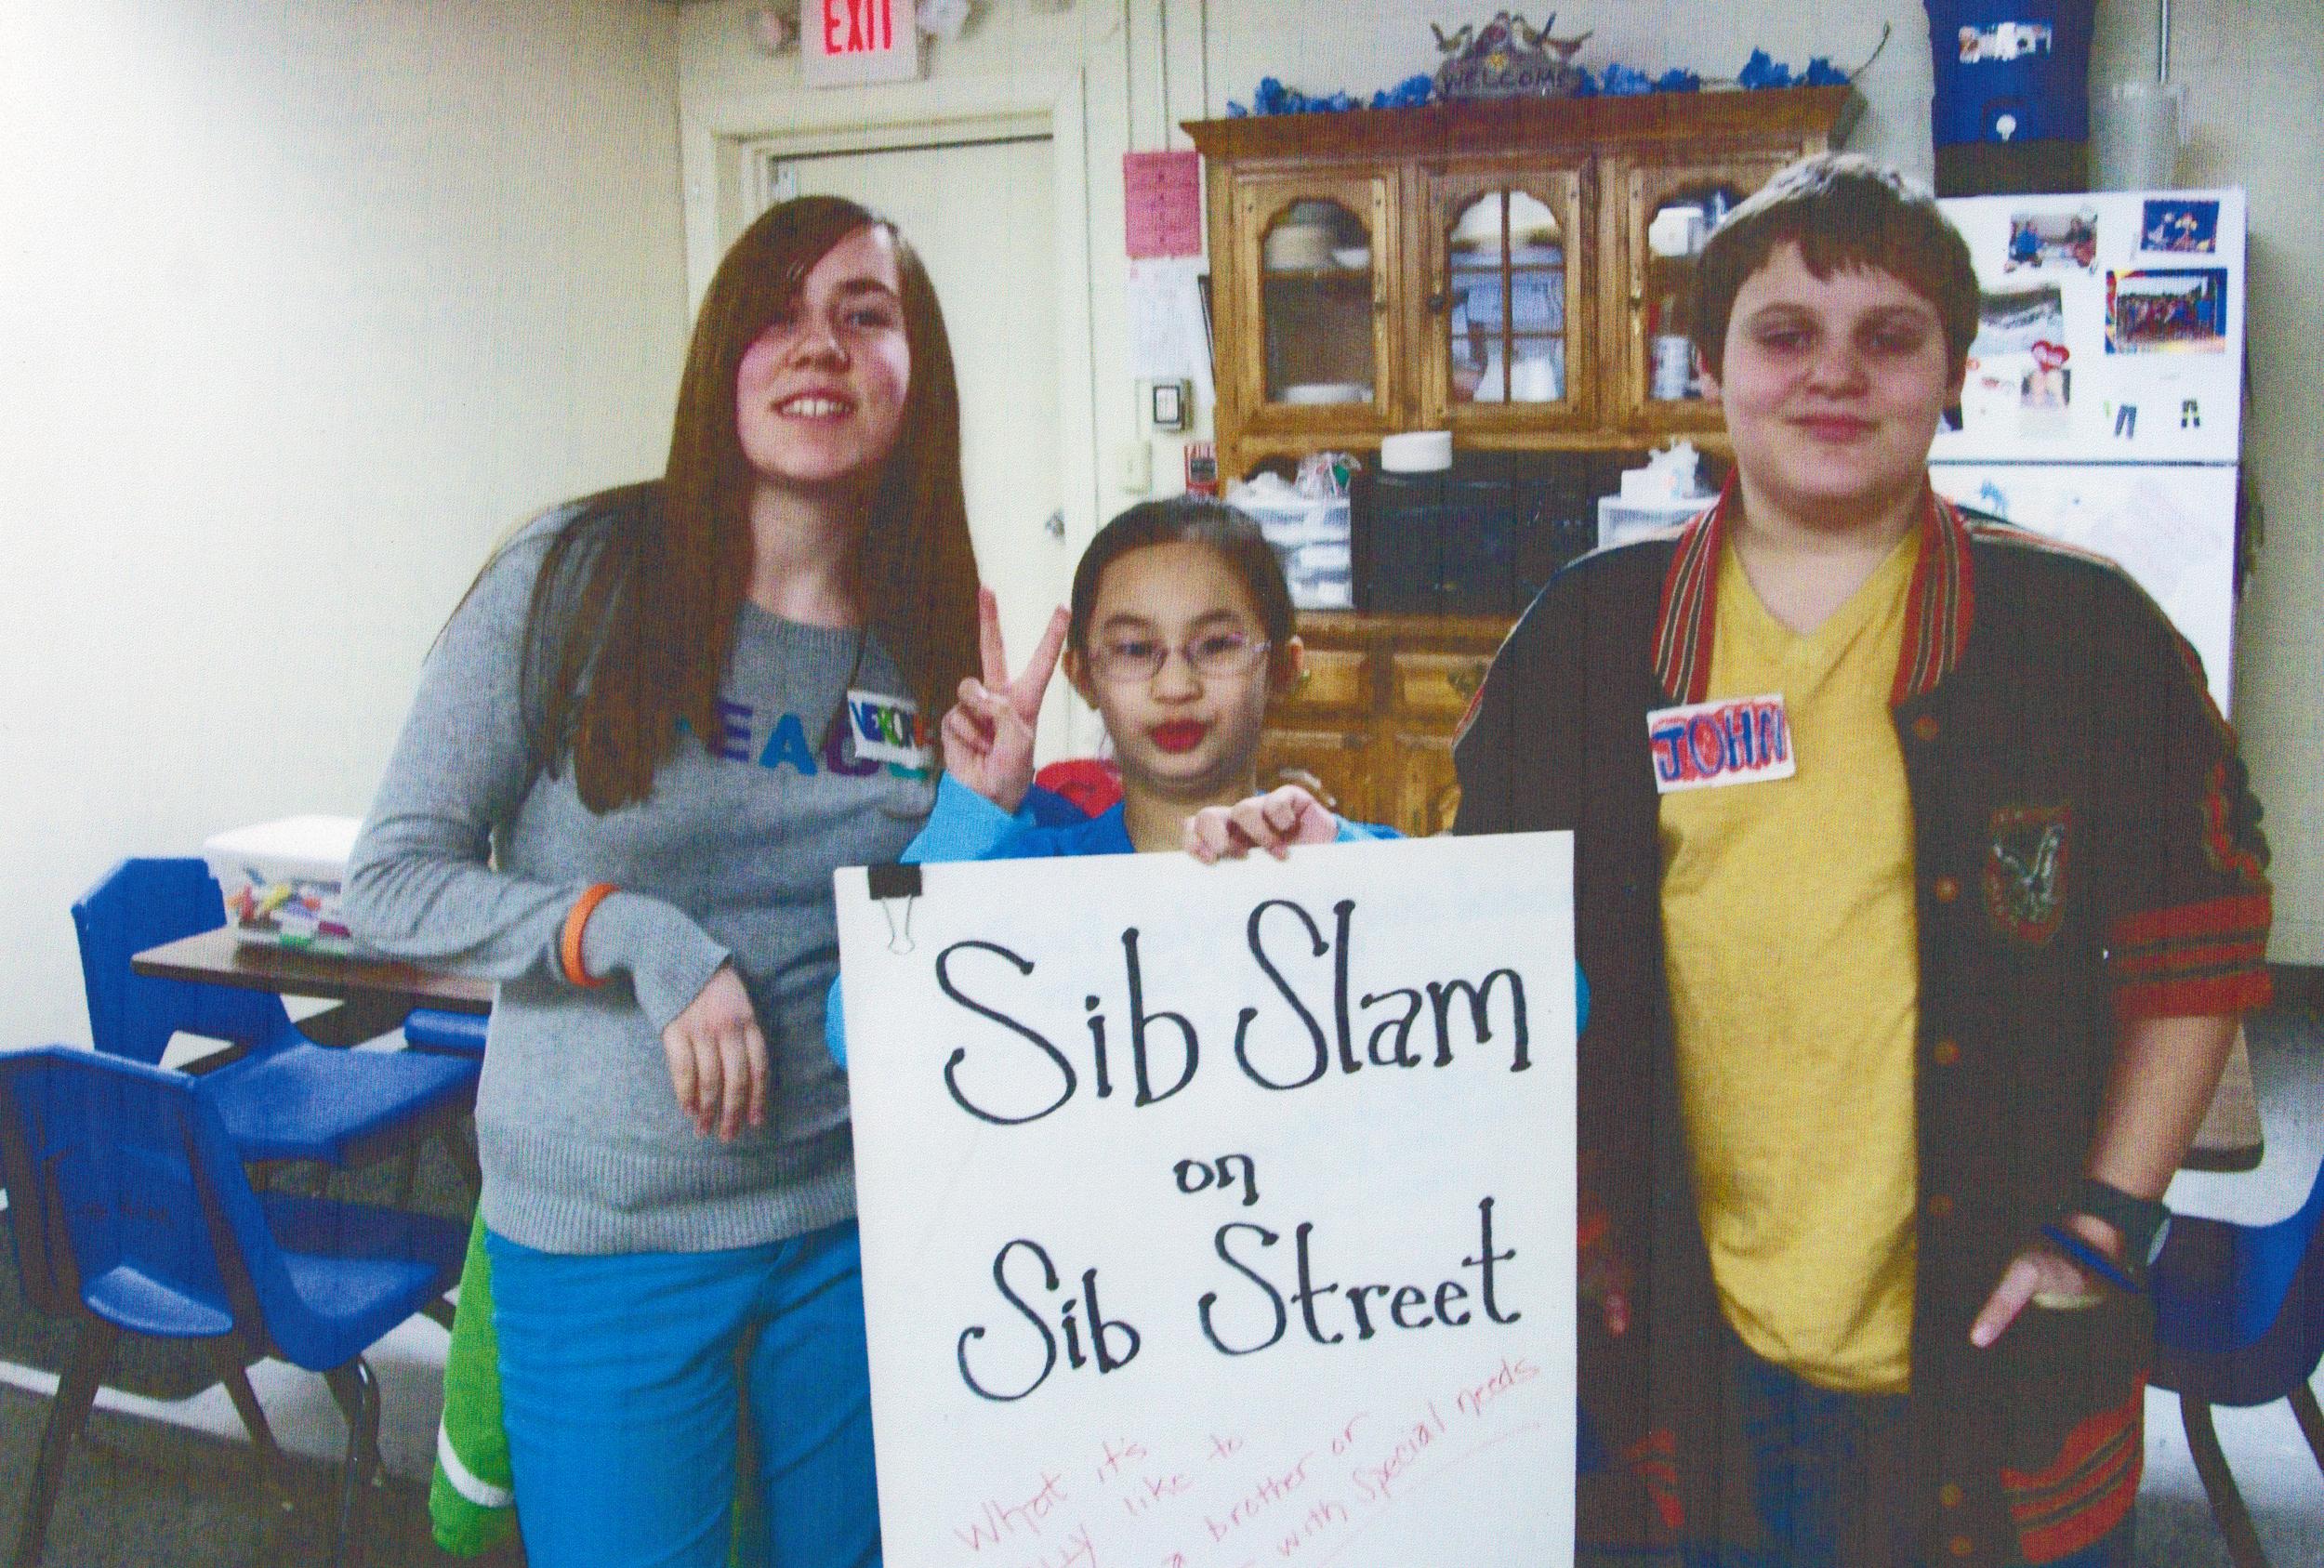 sib street.jpg